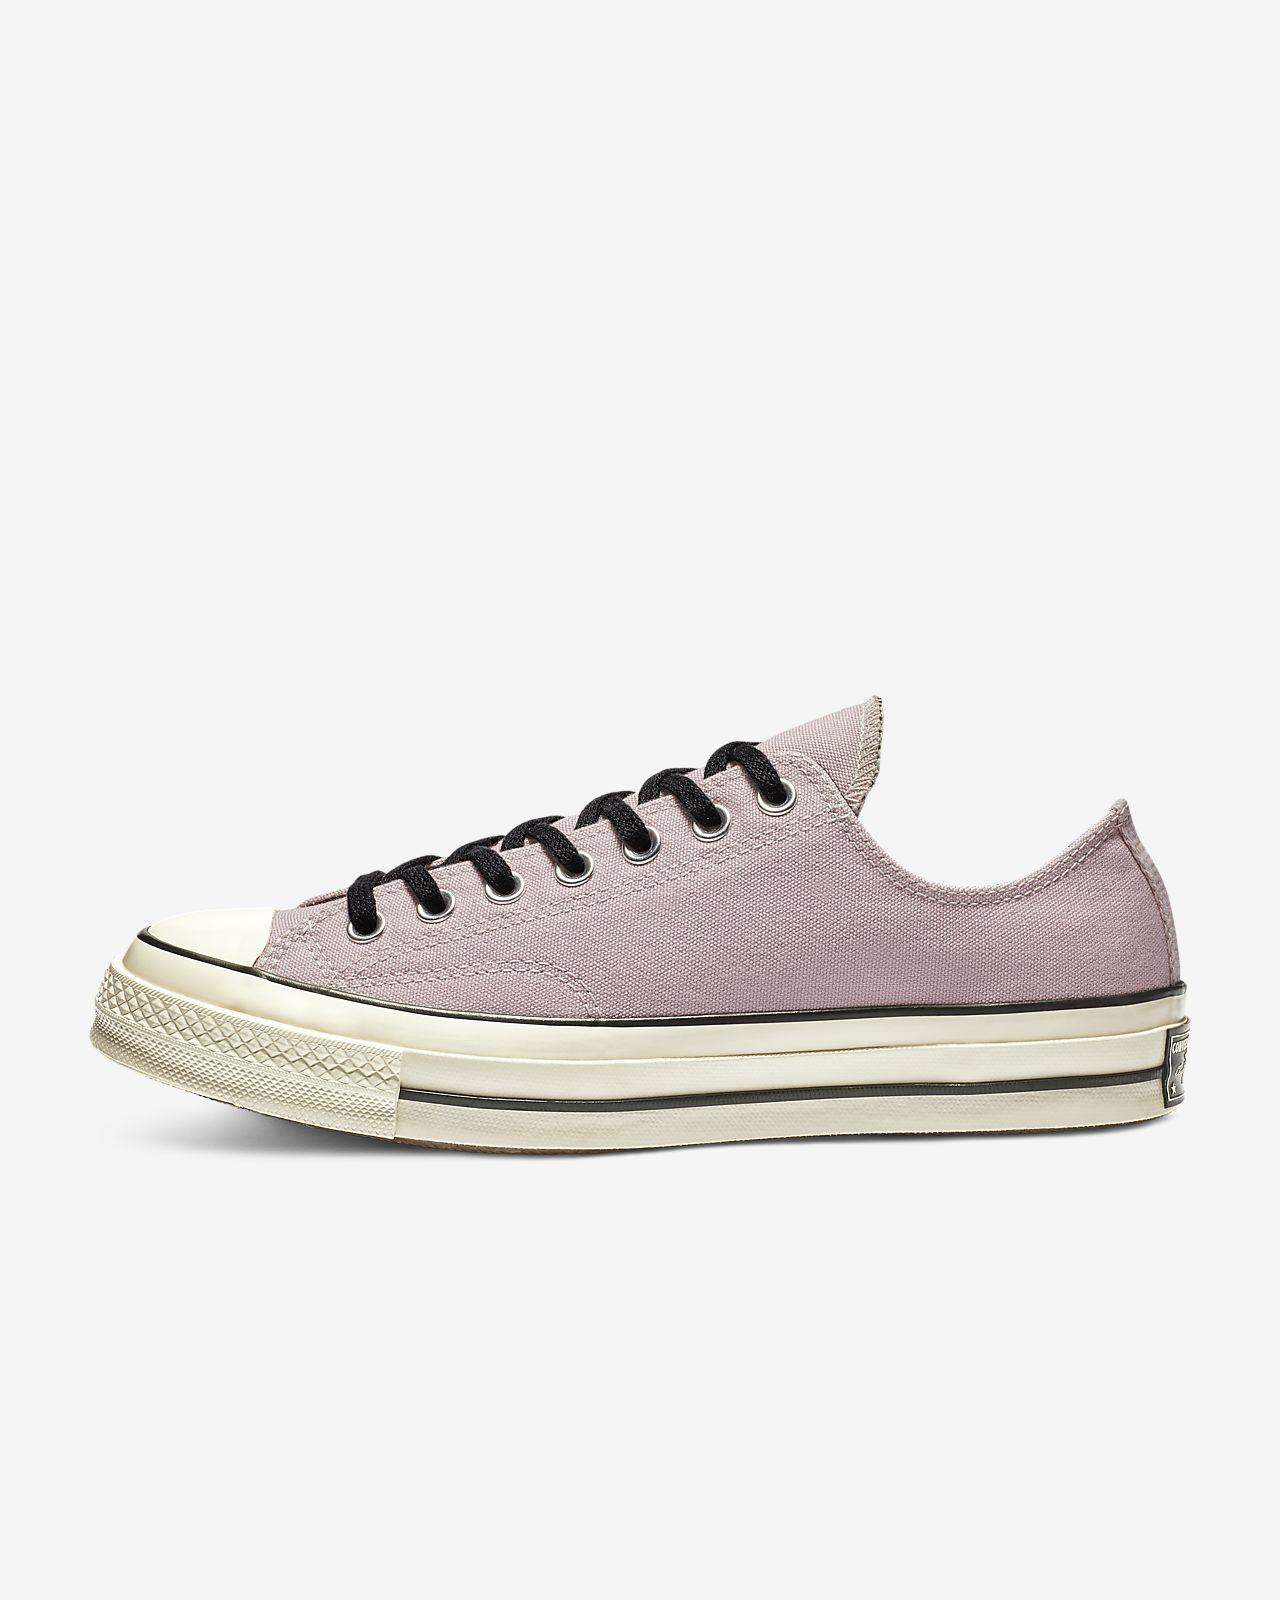 Converse Chuck 70 Vintage Canvas Low Top Unisex Shoe